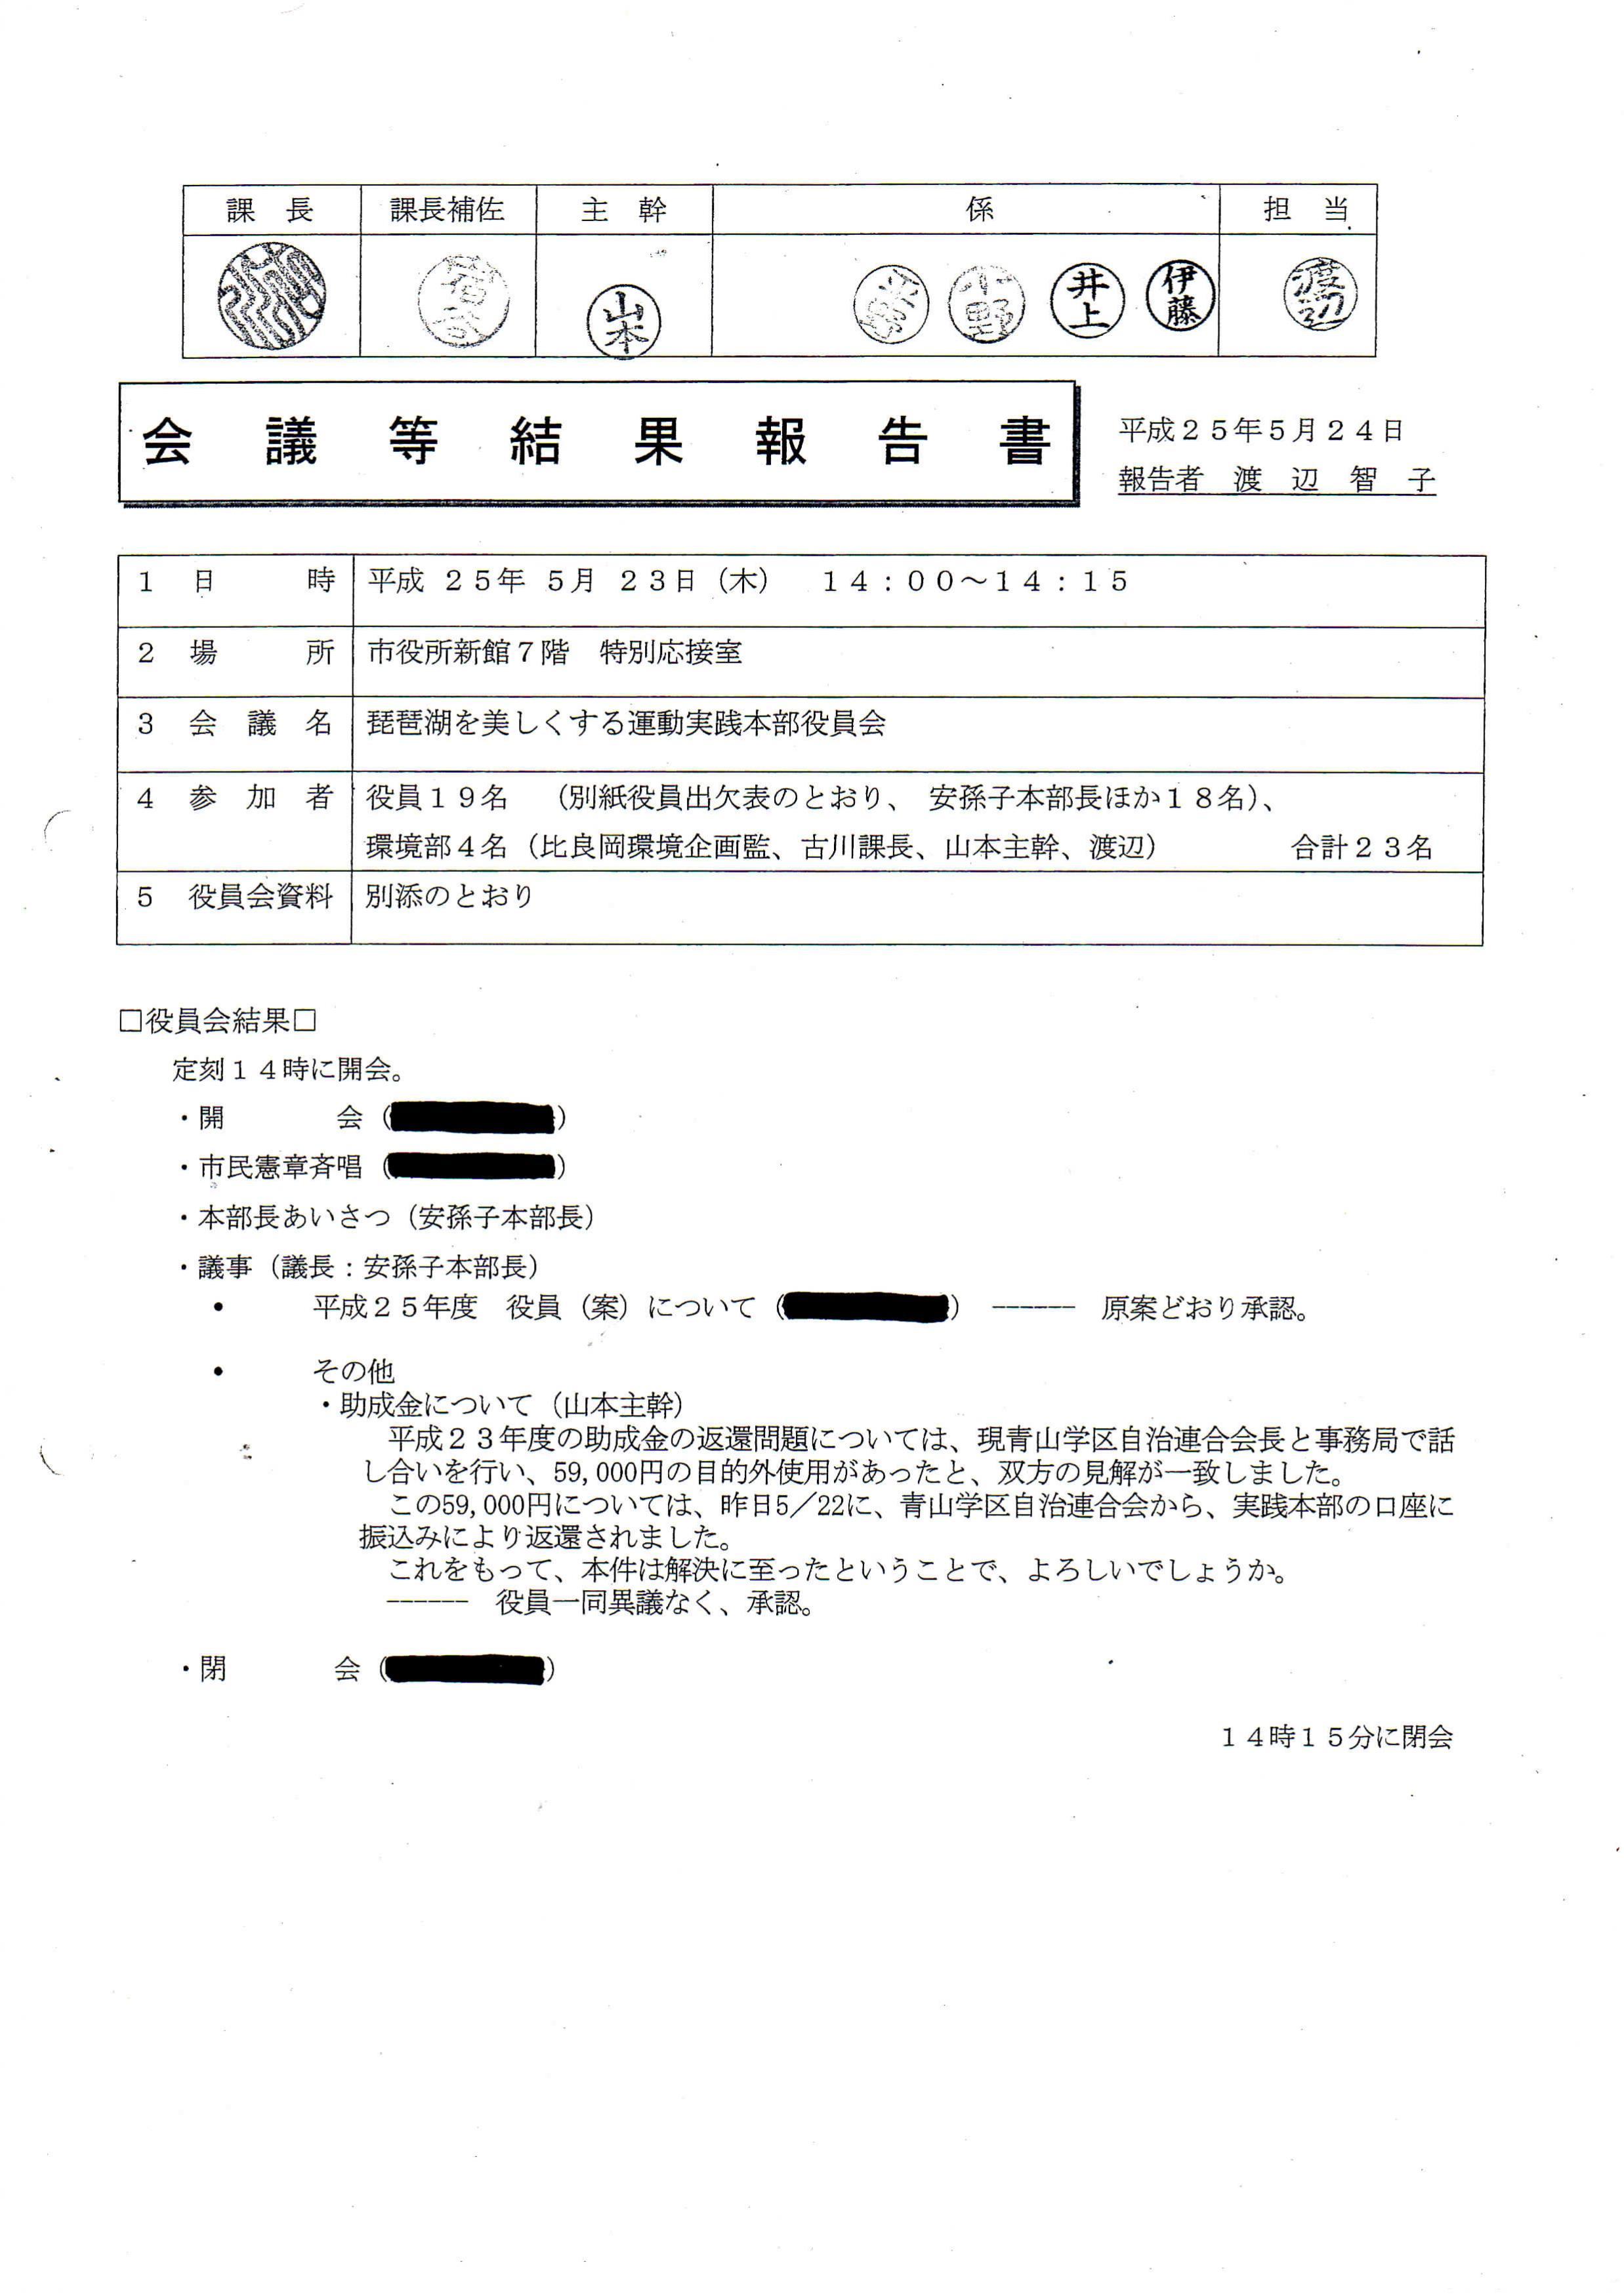 琵琶湖を美しくする運動実践本部/会議等結果報告書(2013.5/23役員会)_01